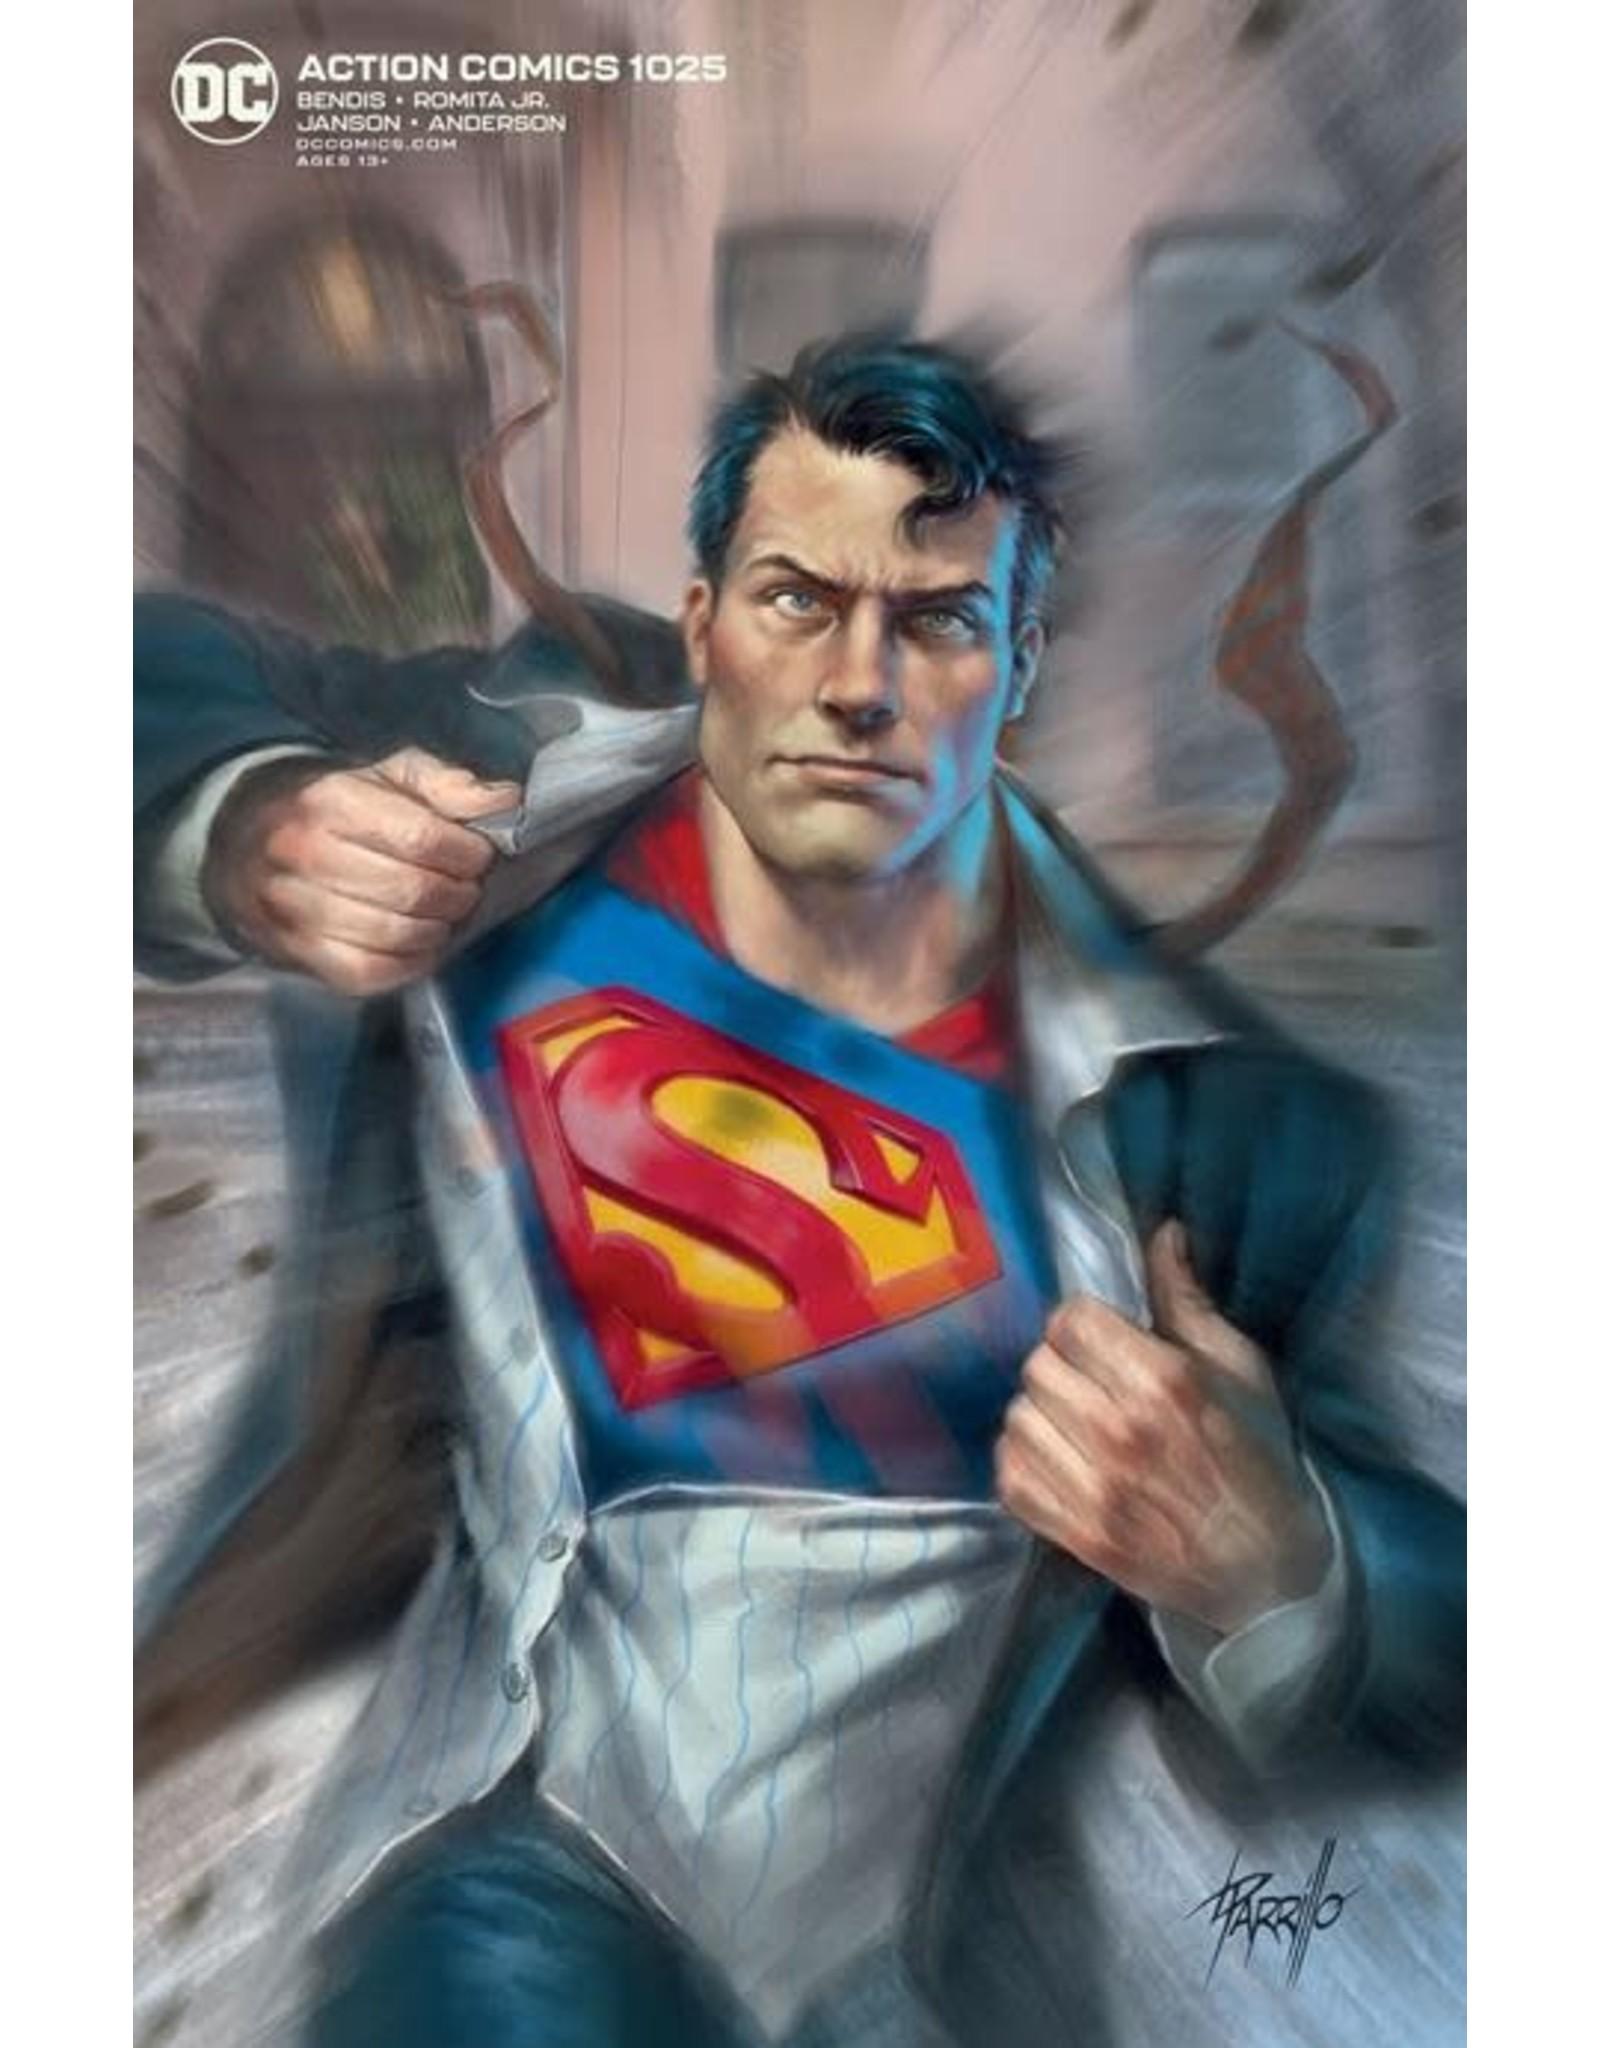 DC Comics ACTION COMICS #1025 CVR B LUCIO PARRILLO VAR